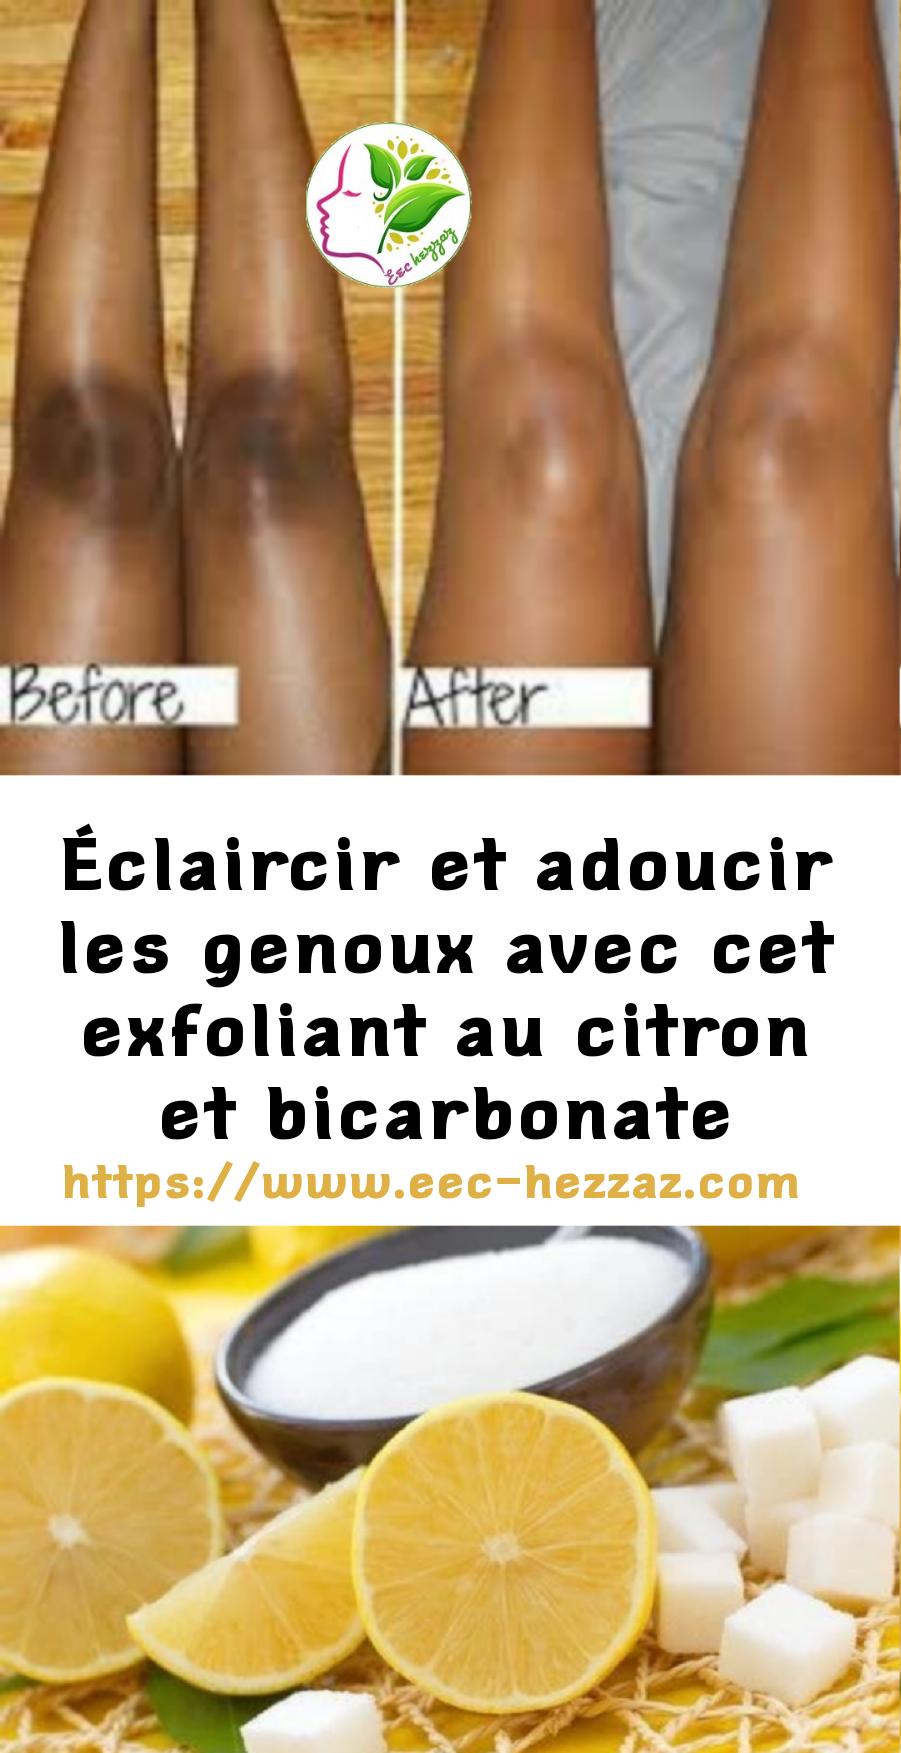 Éclaircir et adoucir les genoux avec cet exfoliant au citron et bicarbonate